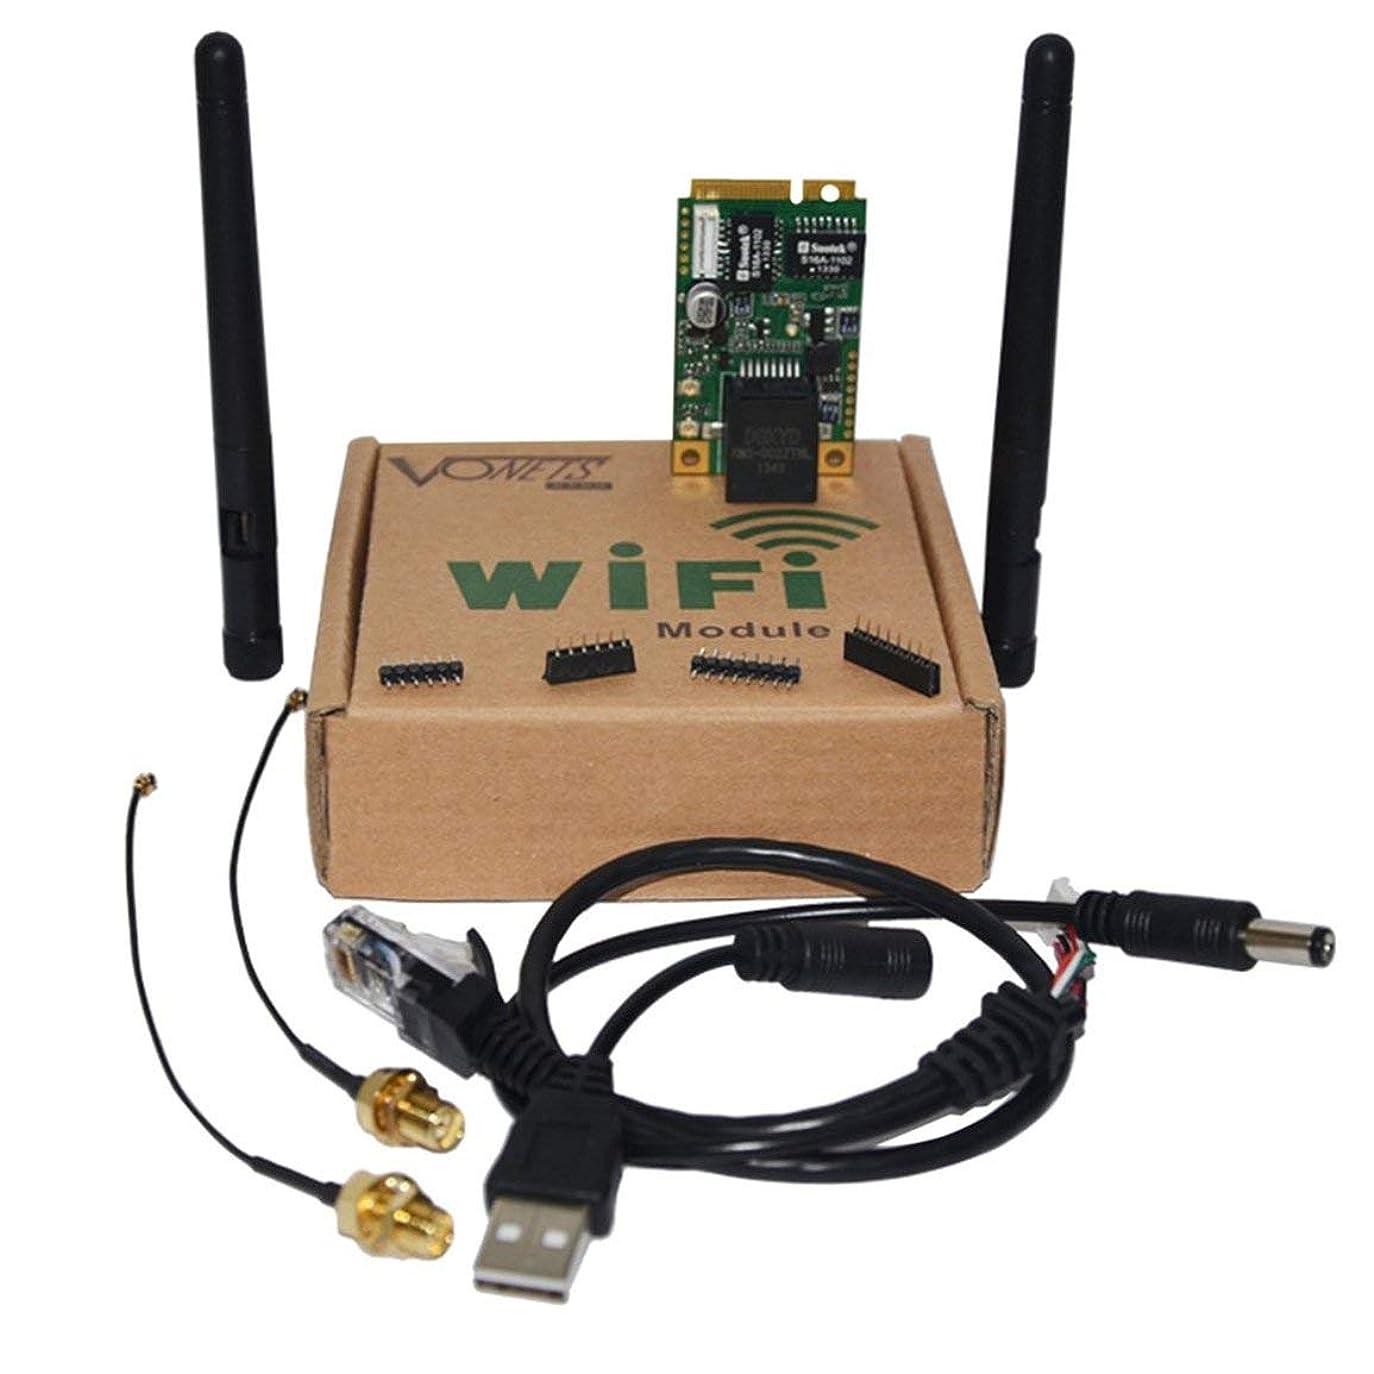 序文テレビを見るジーンズ2.4GHz 300Mbpsミニワイヤレスモジュール802.11b / g/n Wi-Fi信号伝送モジュールPCBAボードサポート1-14WiFiチャネル-ブラック&グリーン